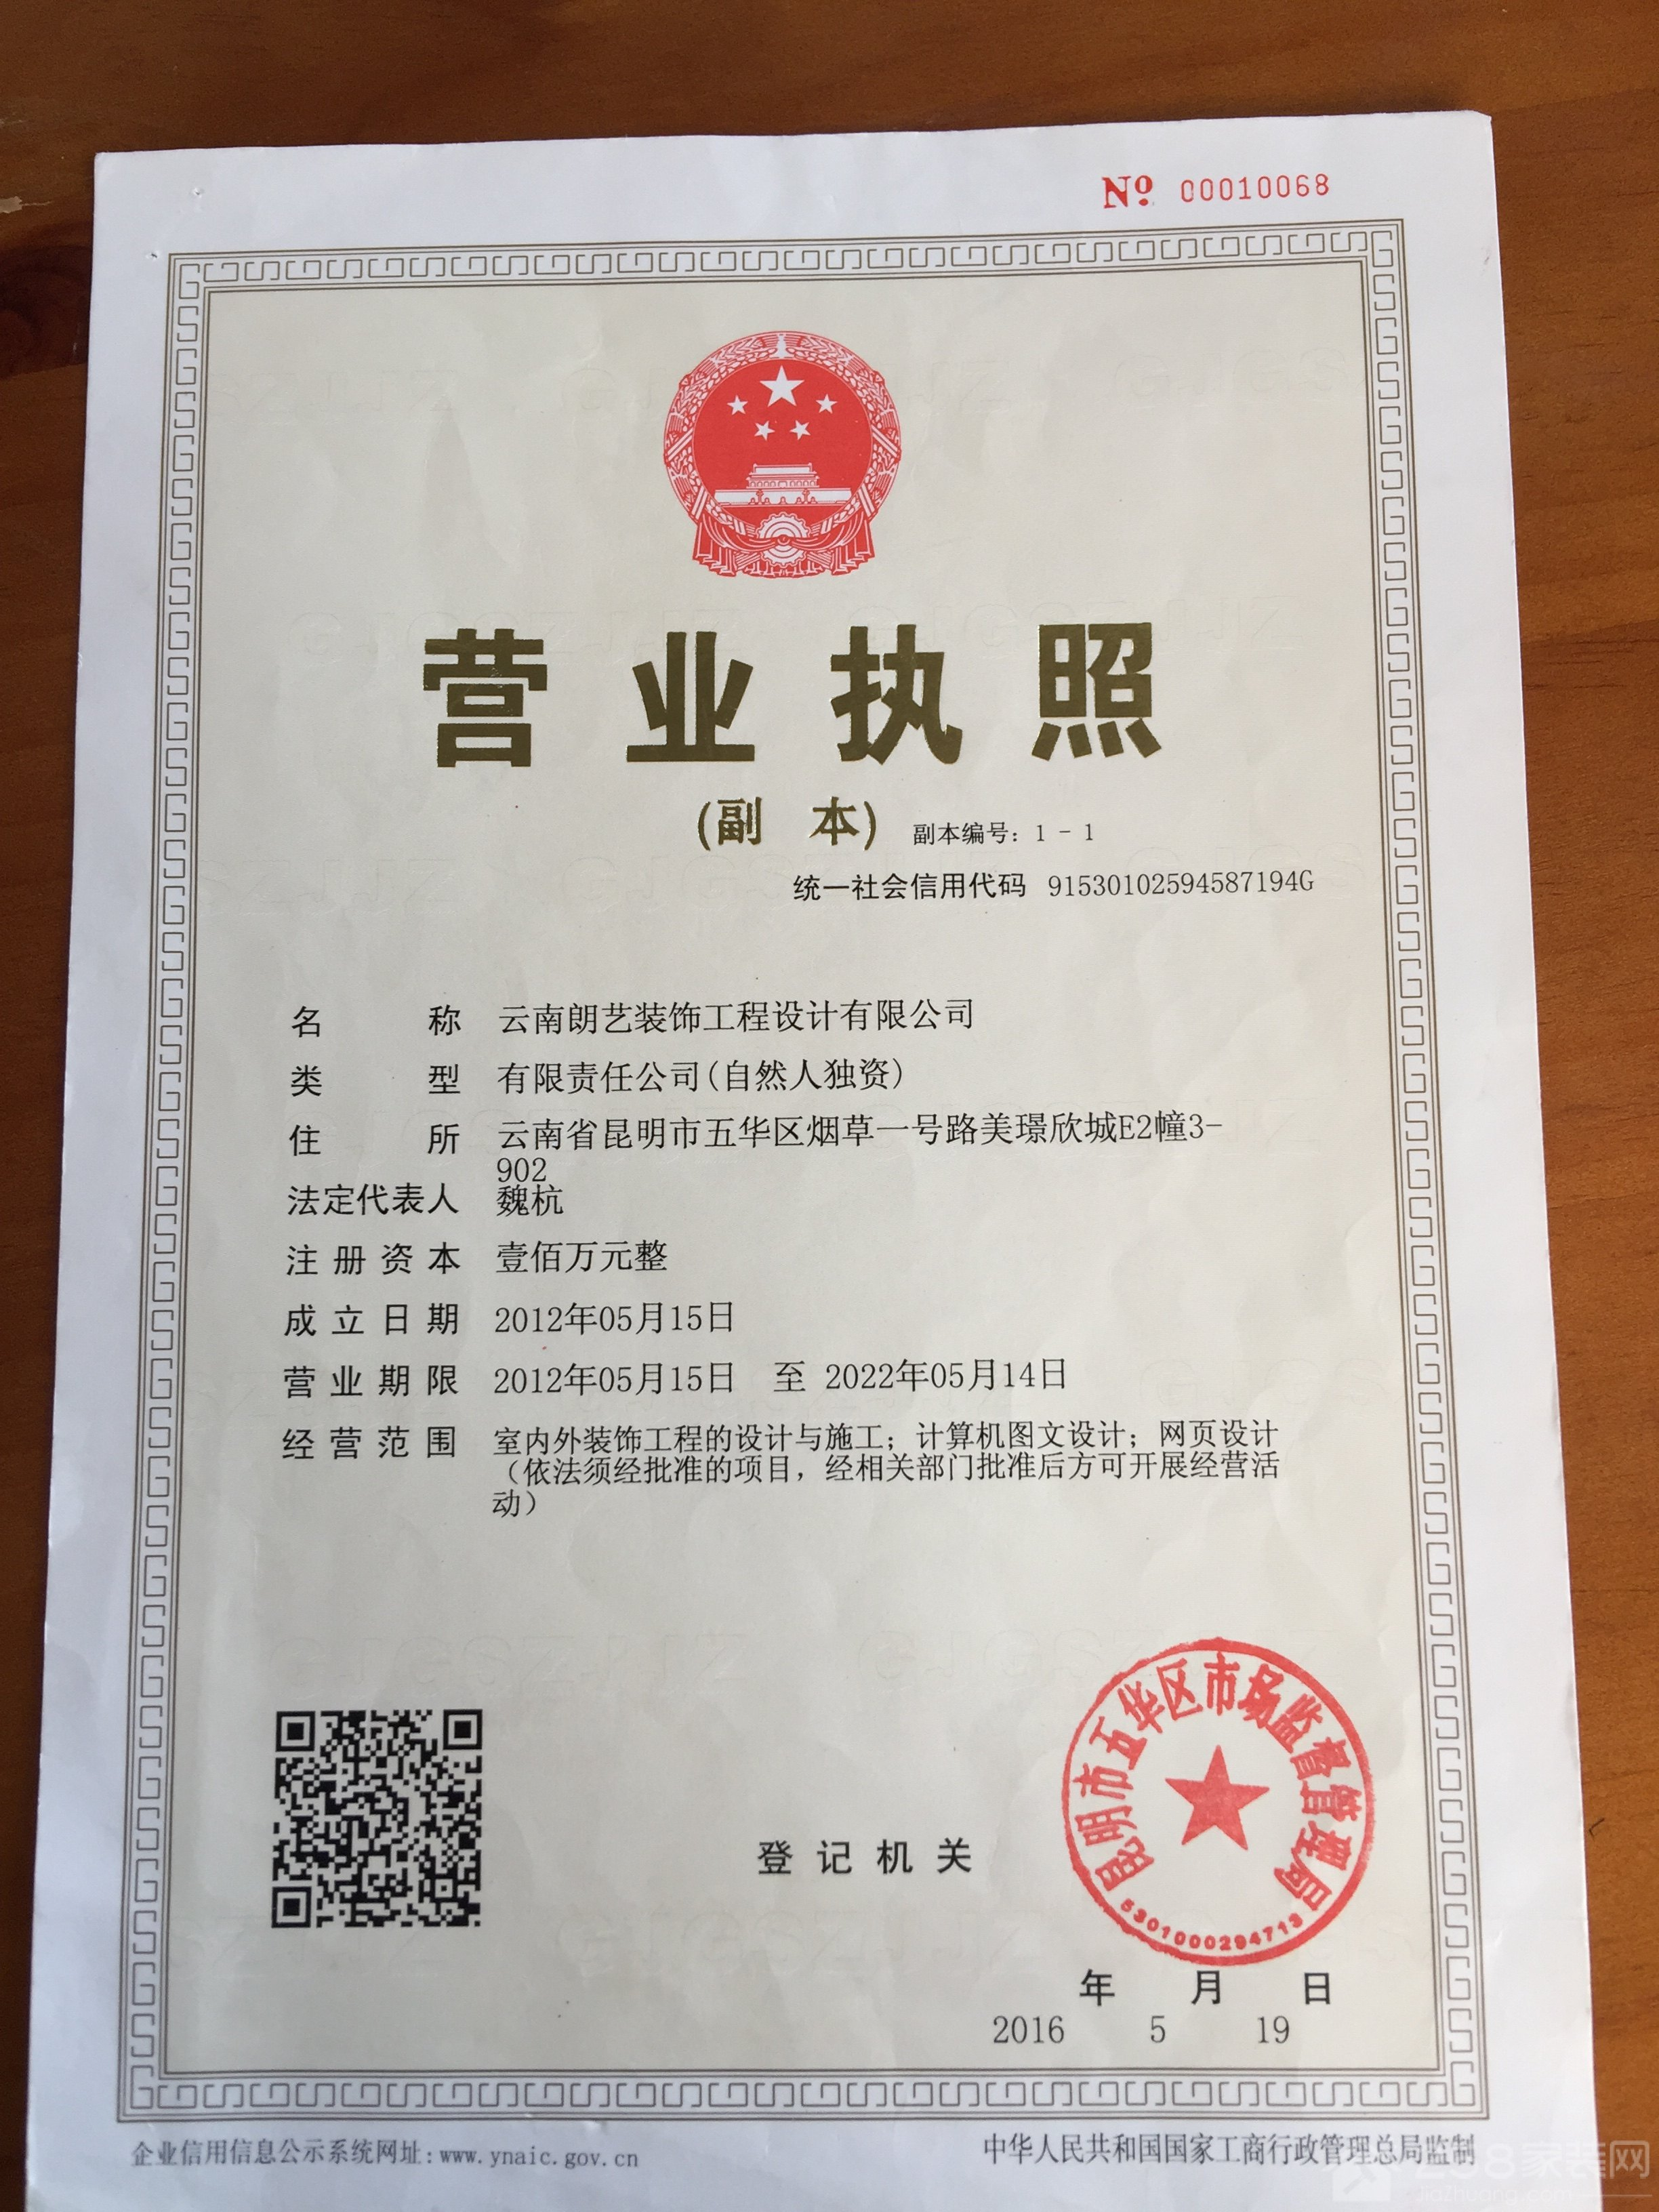 云南朗艺装饰工程设计有限公司